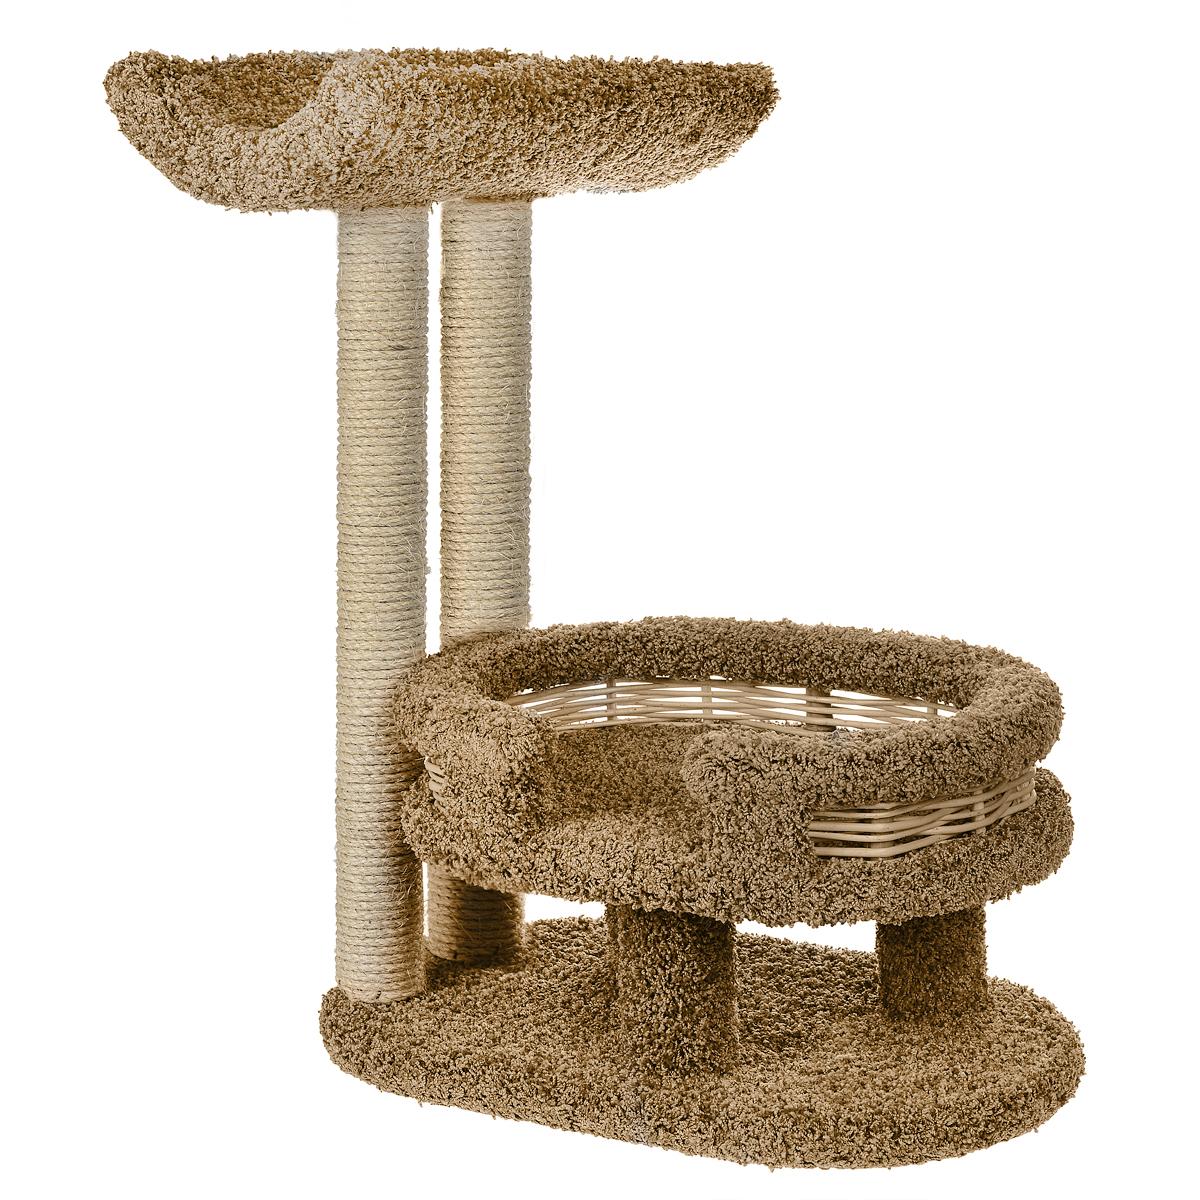 Когтеточка Лежанка с седлом, цвет: бежевый, 37 х 60 х 80 смП300446Когтеточка Лежанка с седлом отлично подойдет для котят и взрослых кошек средних размеров. Когтеточка станет не только идеальным местом для подвижных игр вашего любимца, но и местом для отдыха. Благодаря столбикам - когтеточкам, обернутым веревками из сизаля, ваша кошка удовлетворит природную потребность точить когти, что поможет сохранить вашу мебель и ковры. Для приучения любимца к когтеточке можно натереть ее сухой валерьянкой или кошачьей мятой. Оригинальный дизайнлежанки с плетеными бортиками позволит гармонично вписаться когтеточке в интерьер вашей квартиры.